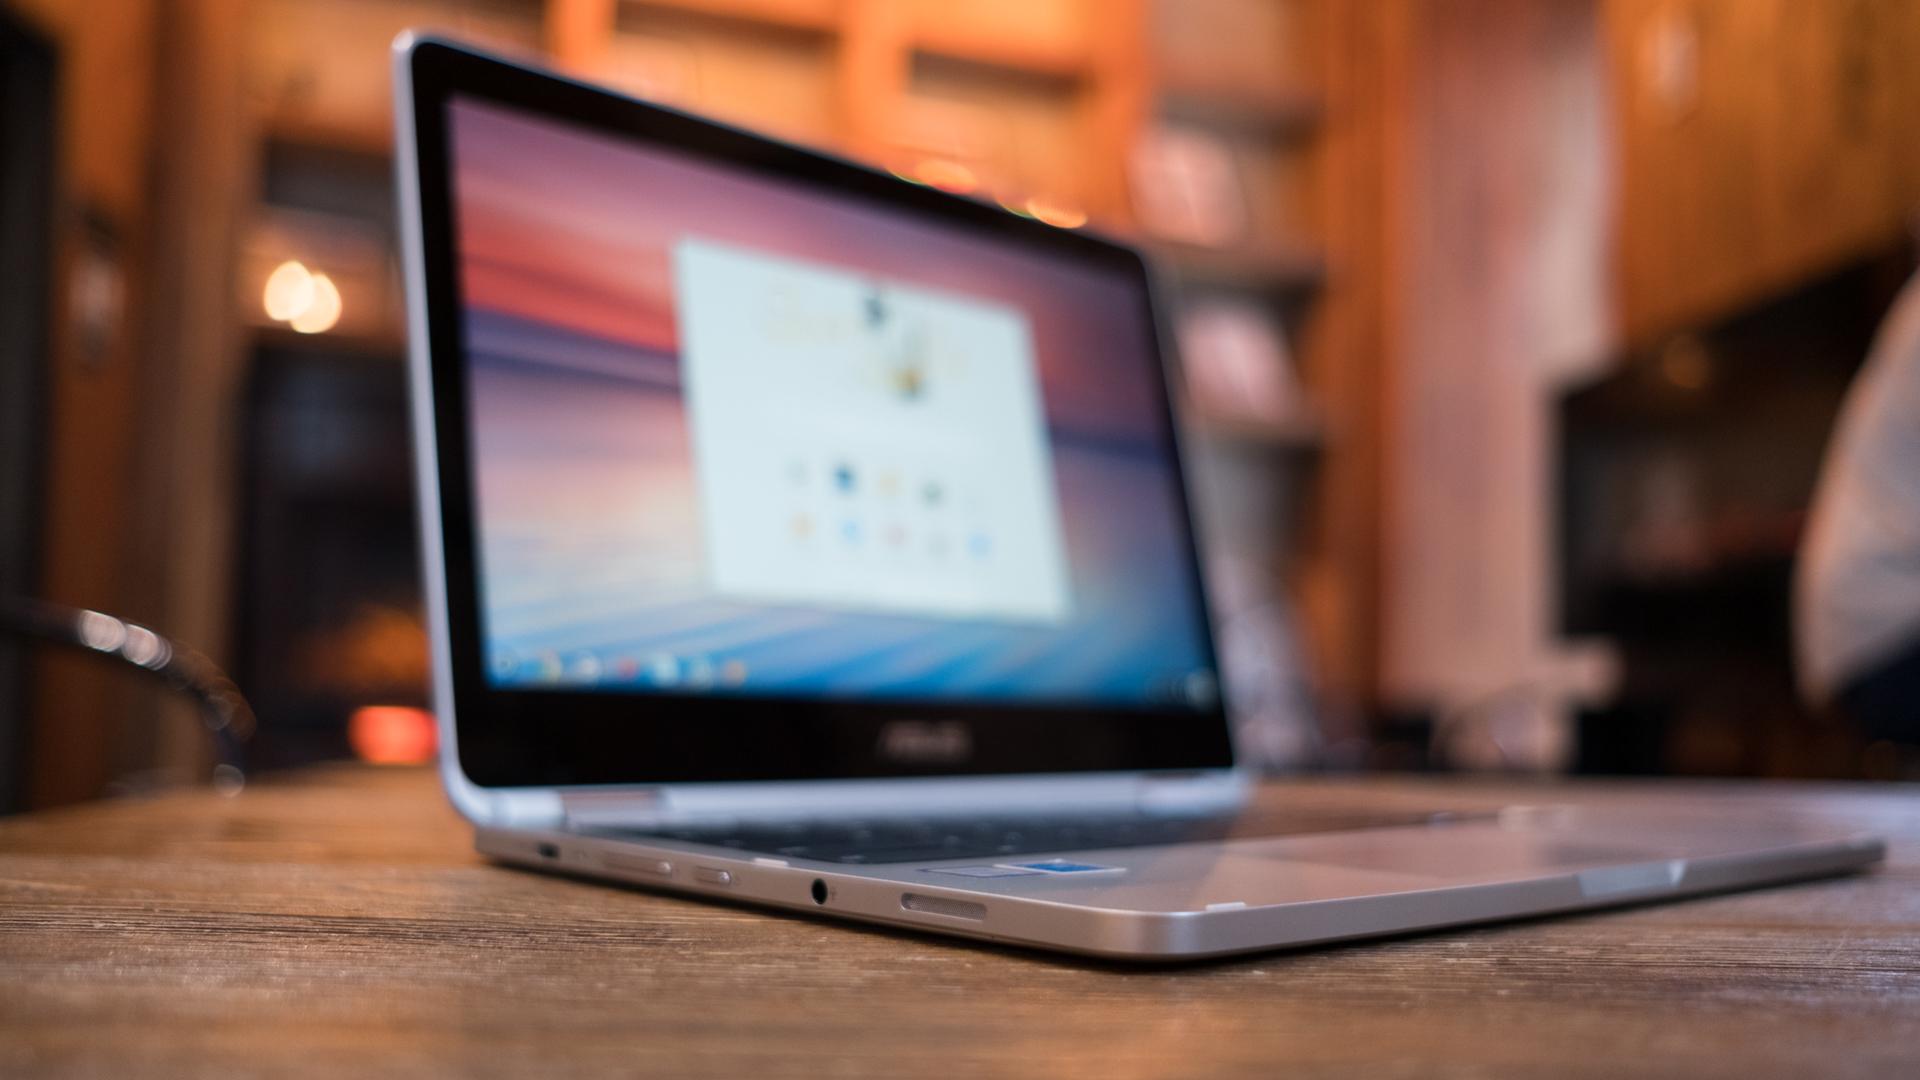 Should I buy a Chromebook? | TechRadar